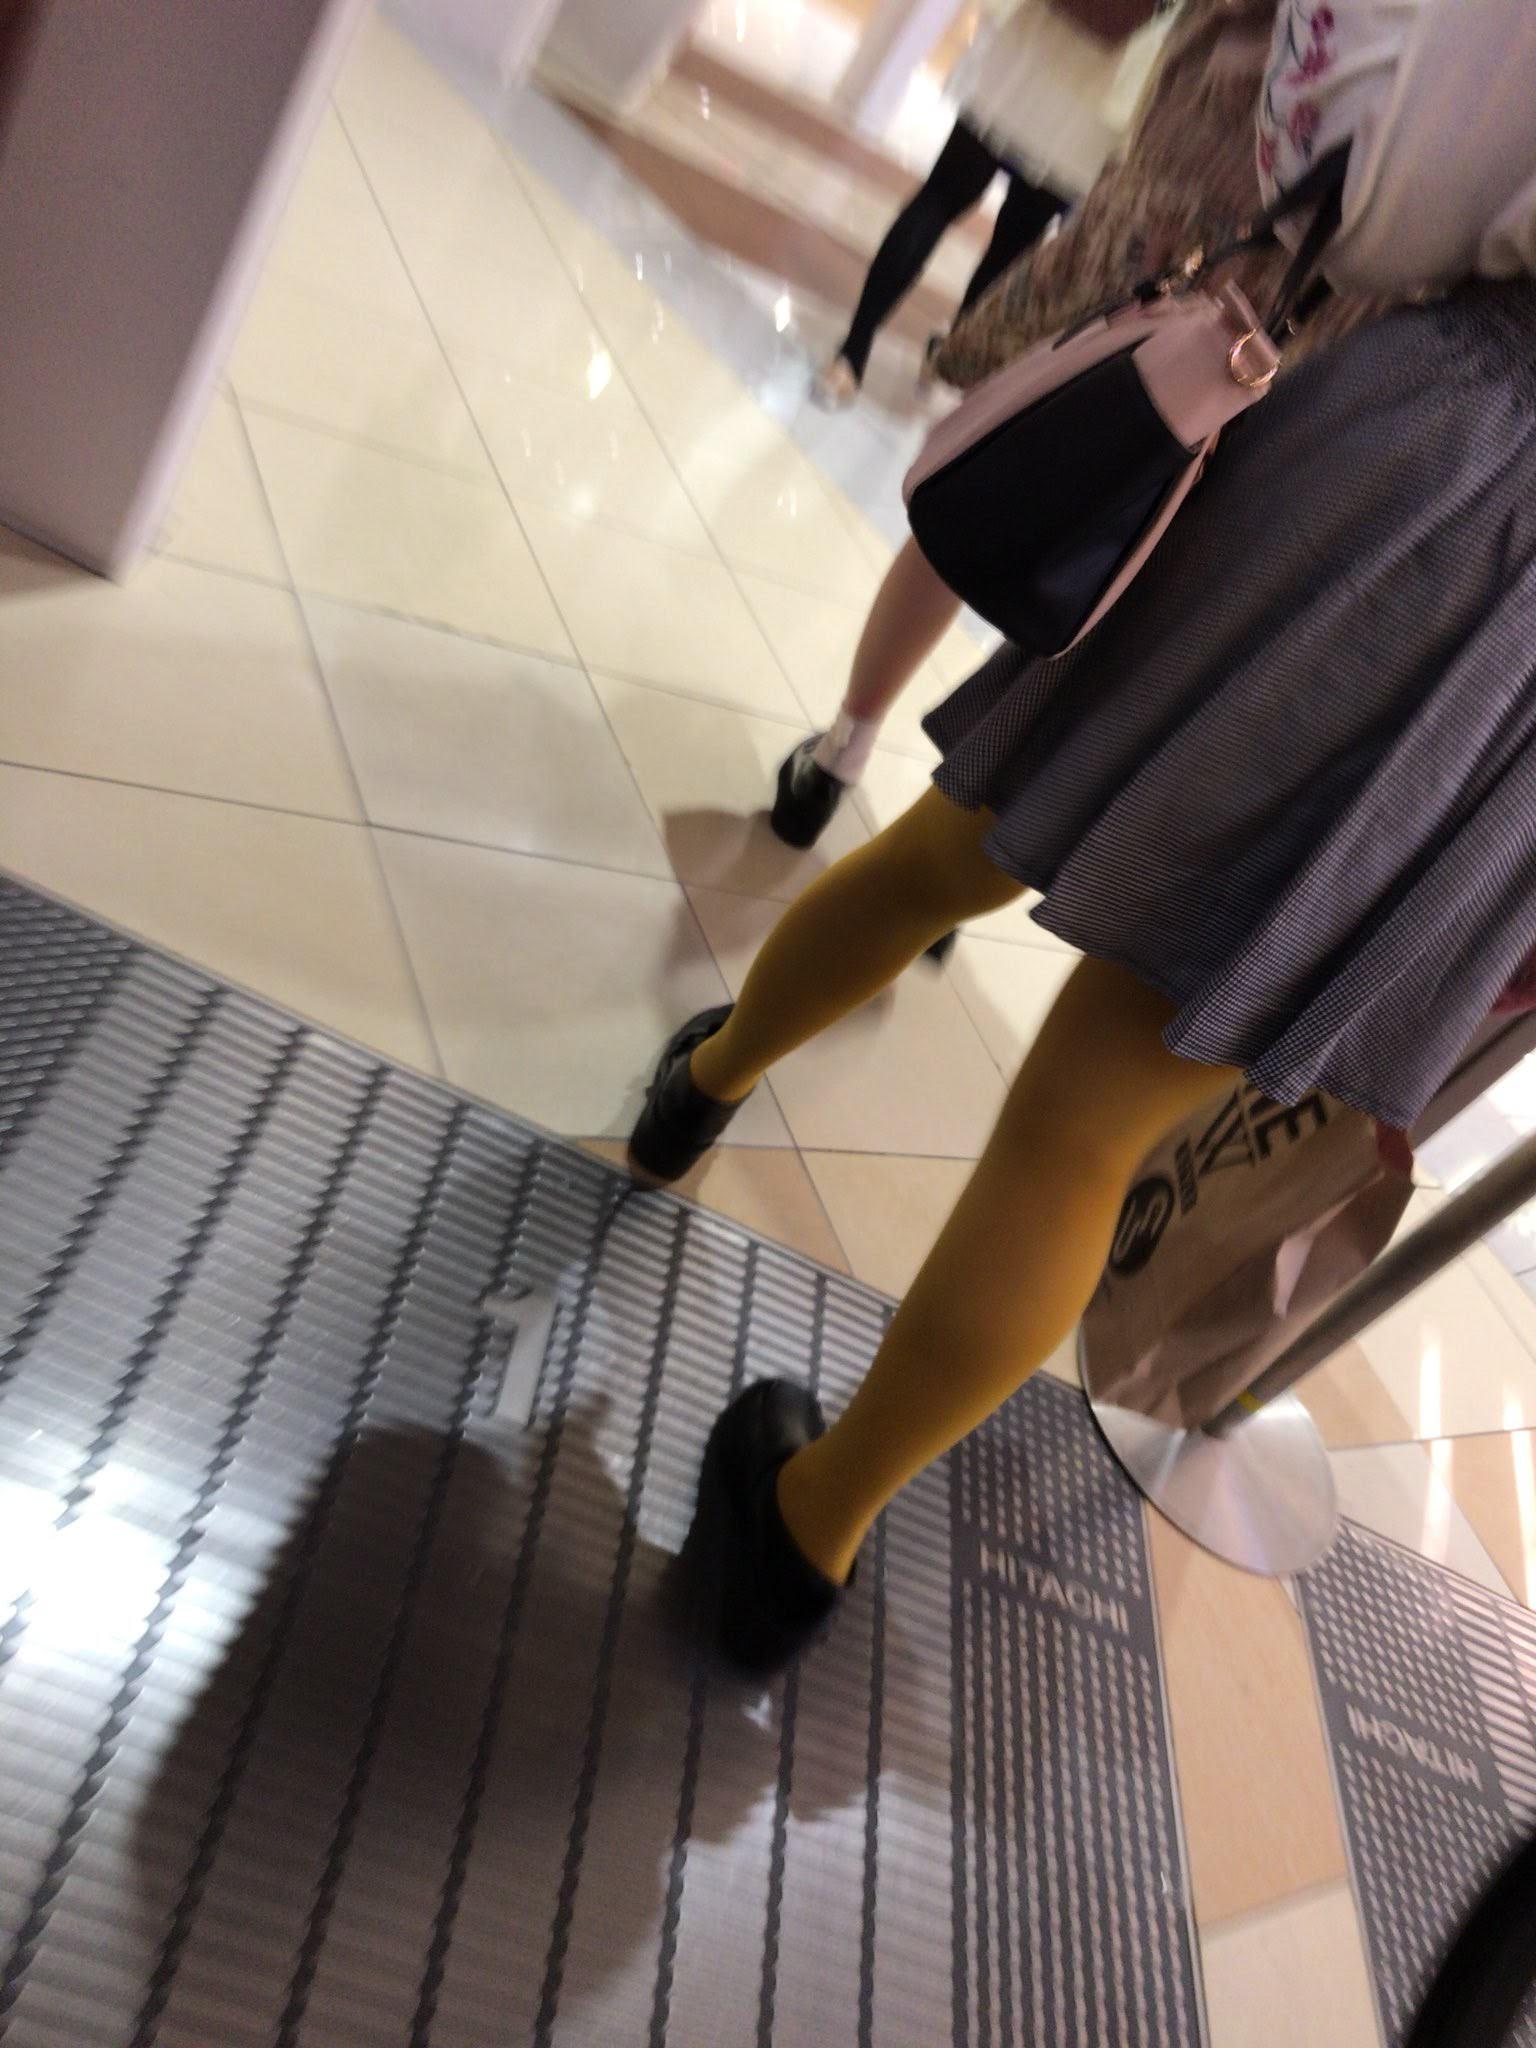 ストッキングを履く女の子について熱く語ろう。 Xiuy58Y